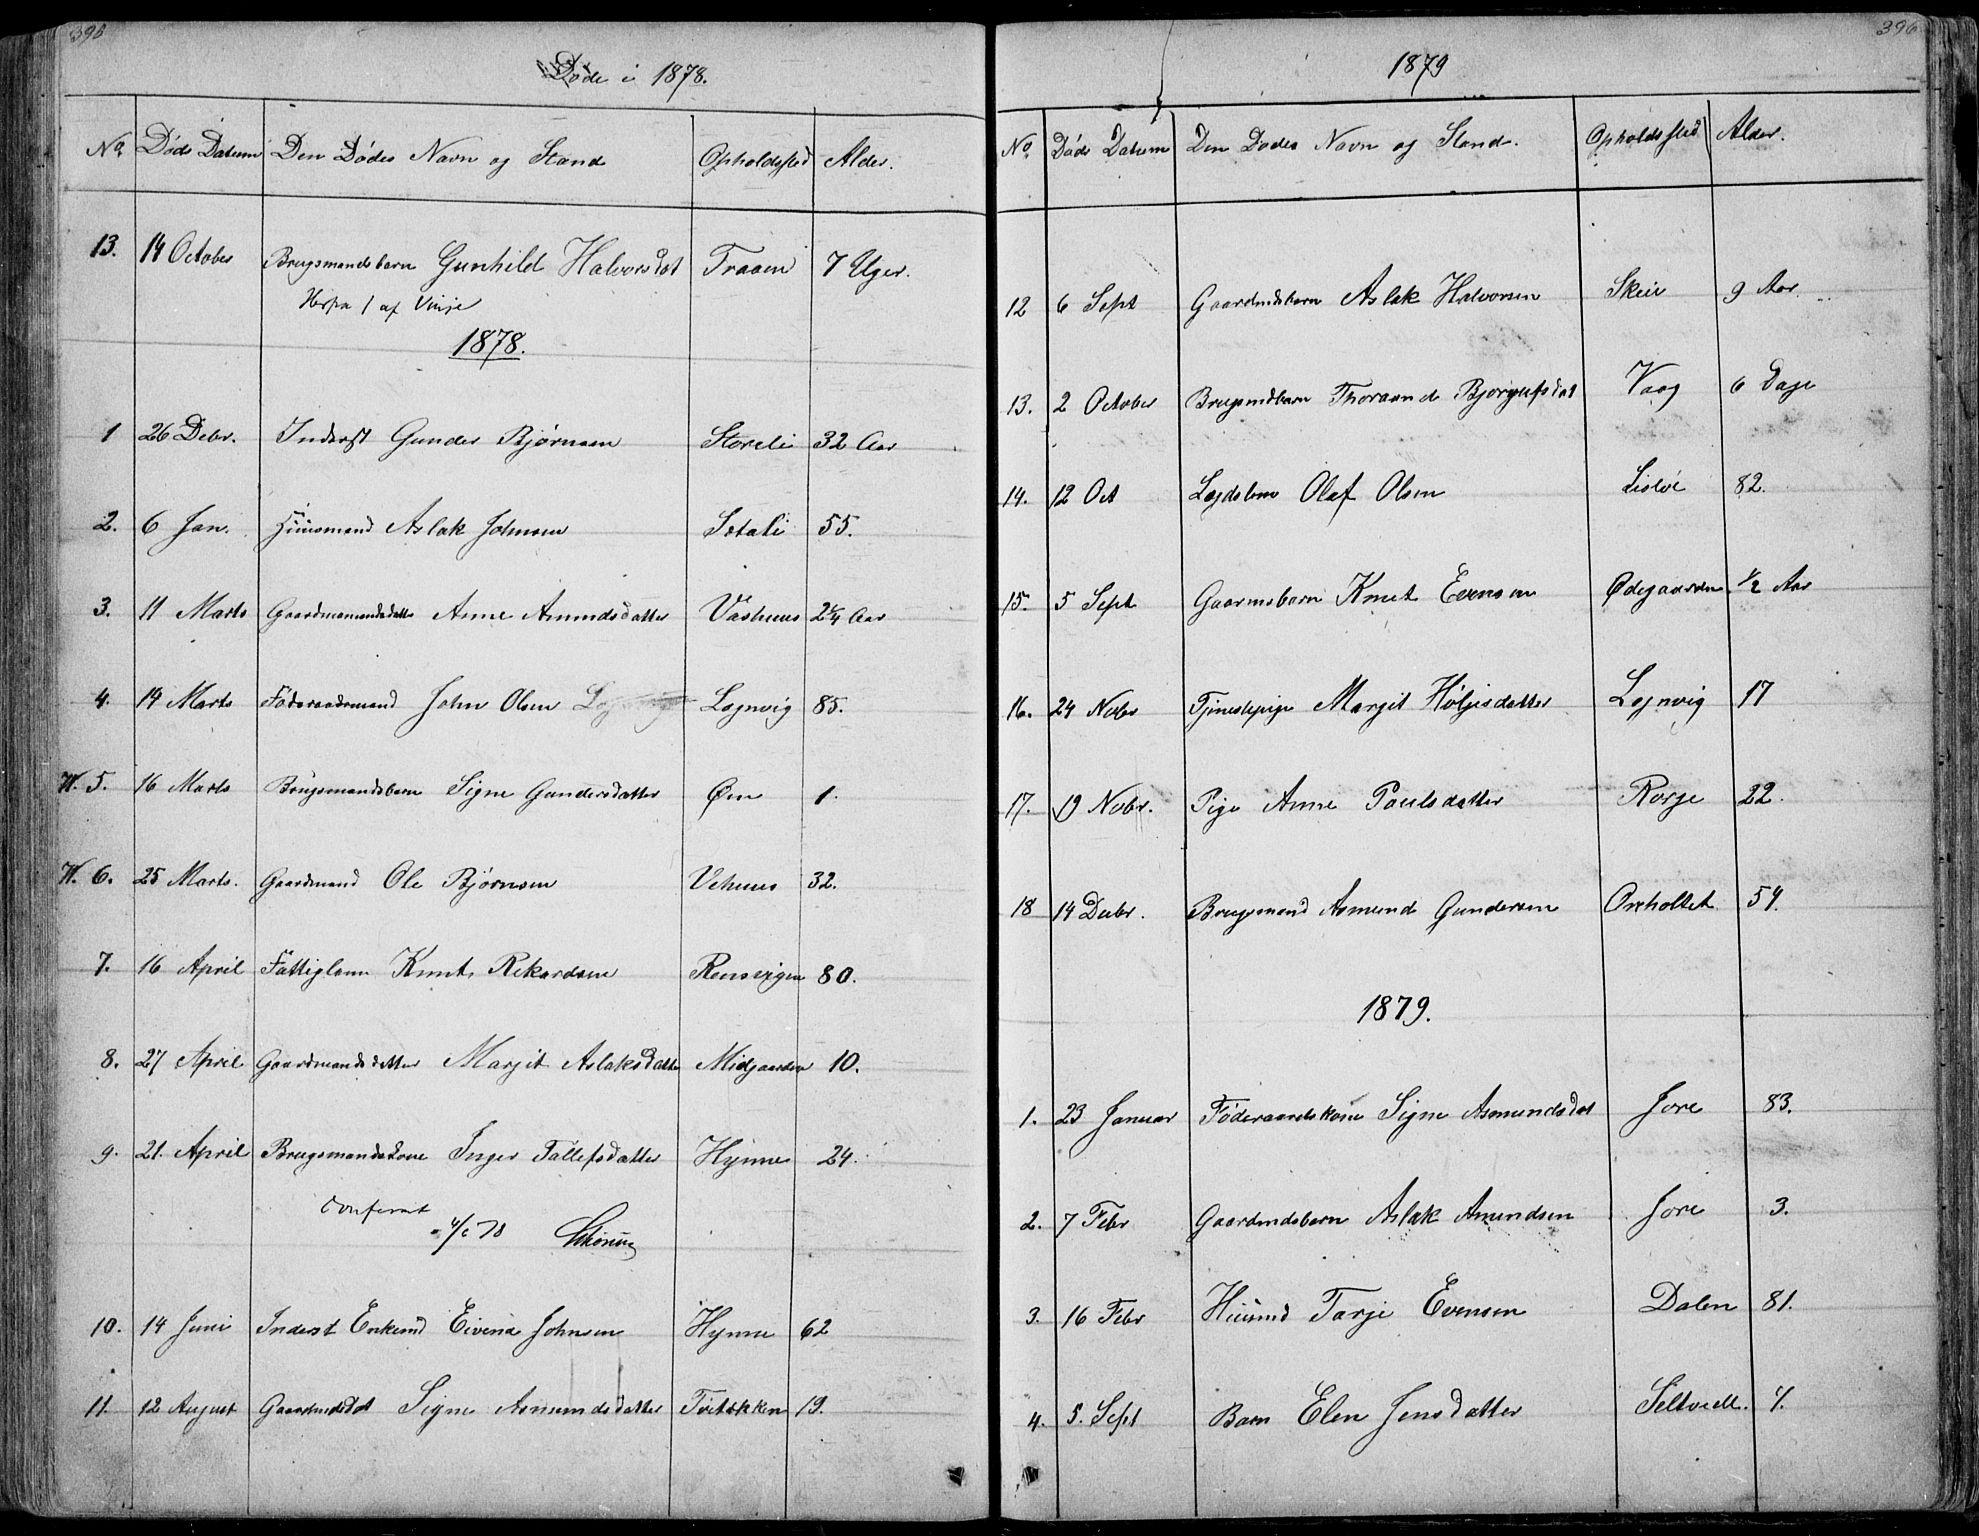 SAKO, Rauland kirkebøker, G/Ga/L0002: Klokkerbok nr. I 2, 1849-1935, s. 395-396